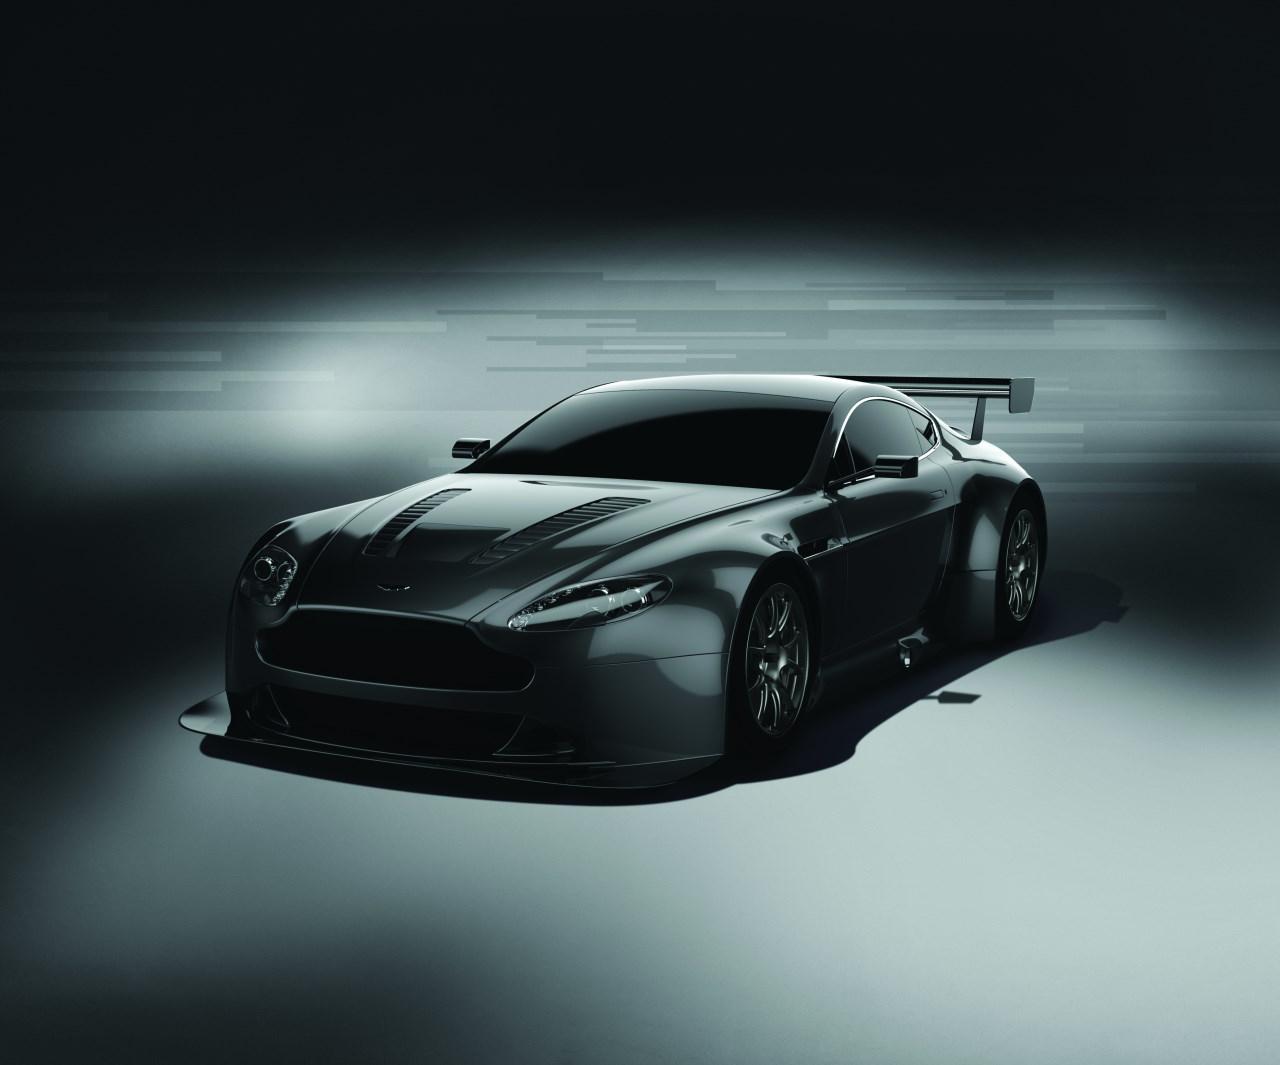 Aston Martin se prepara para GT3: Vantage V12 GT3